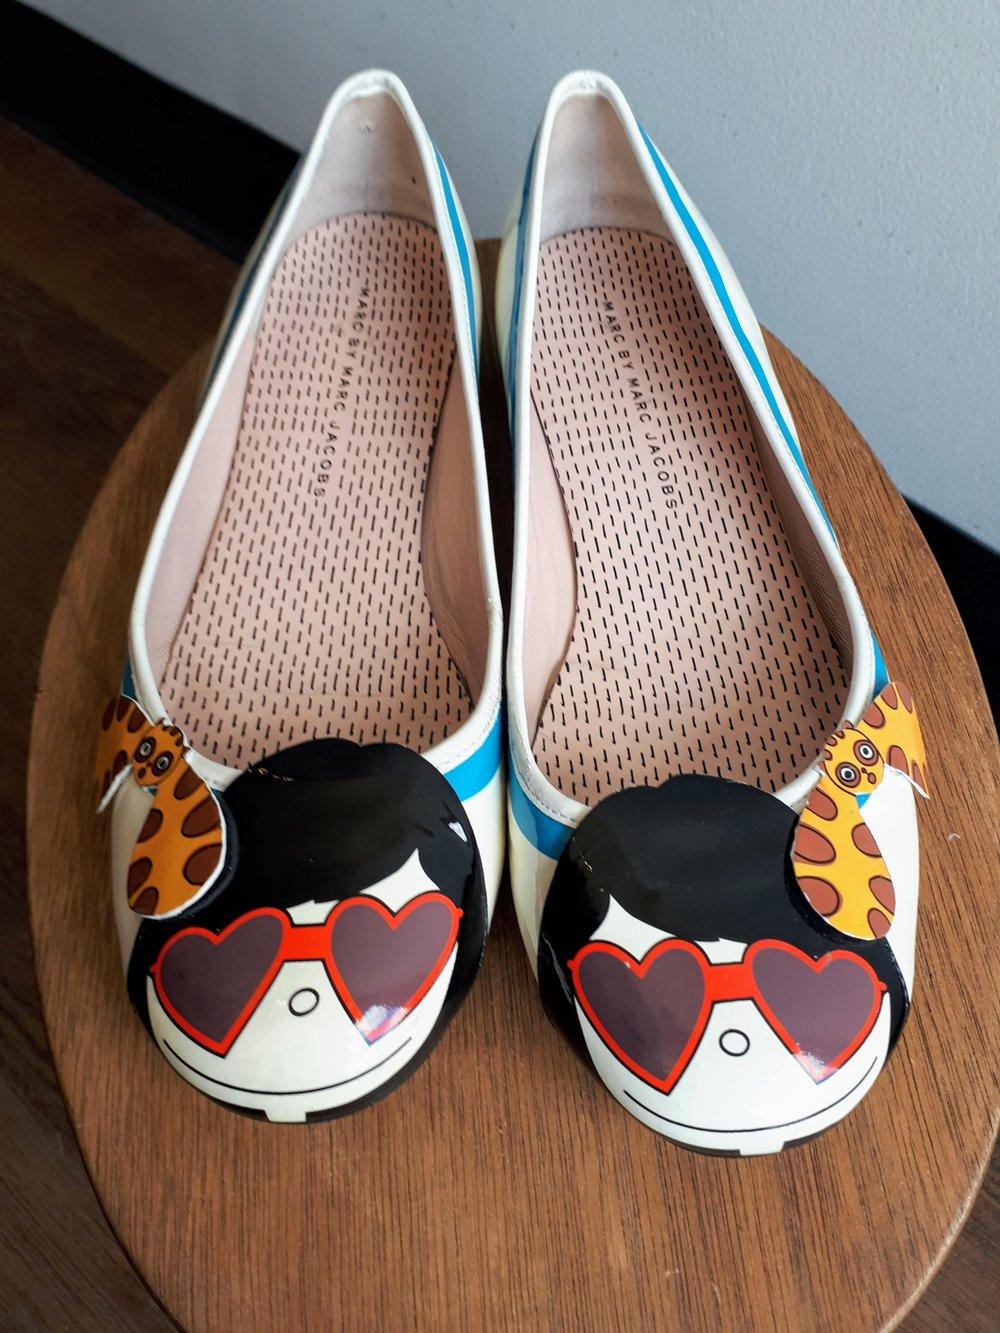 Marc Jacobs shoes; S8, $48